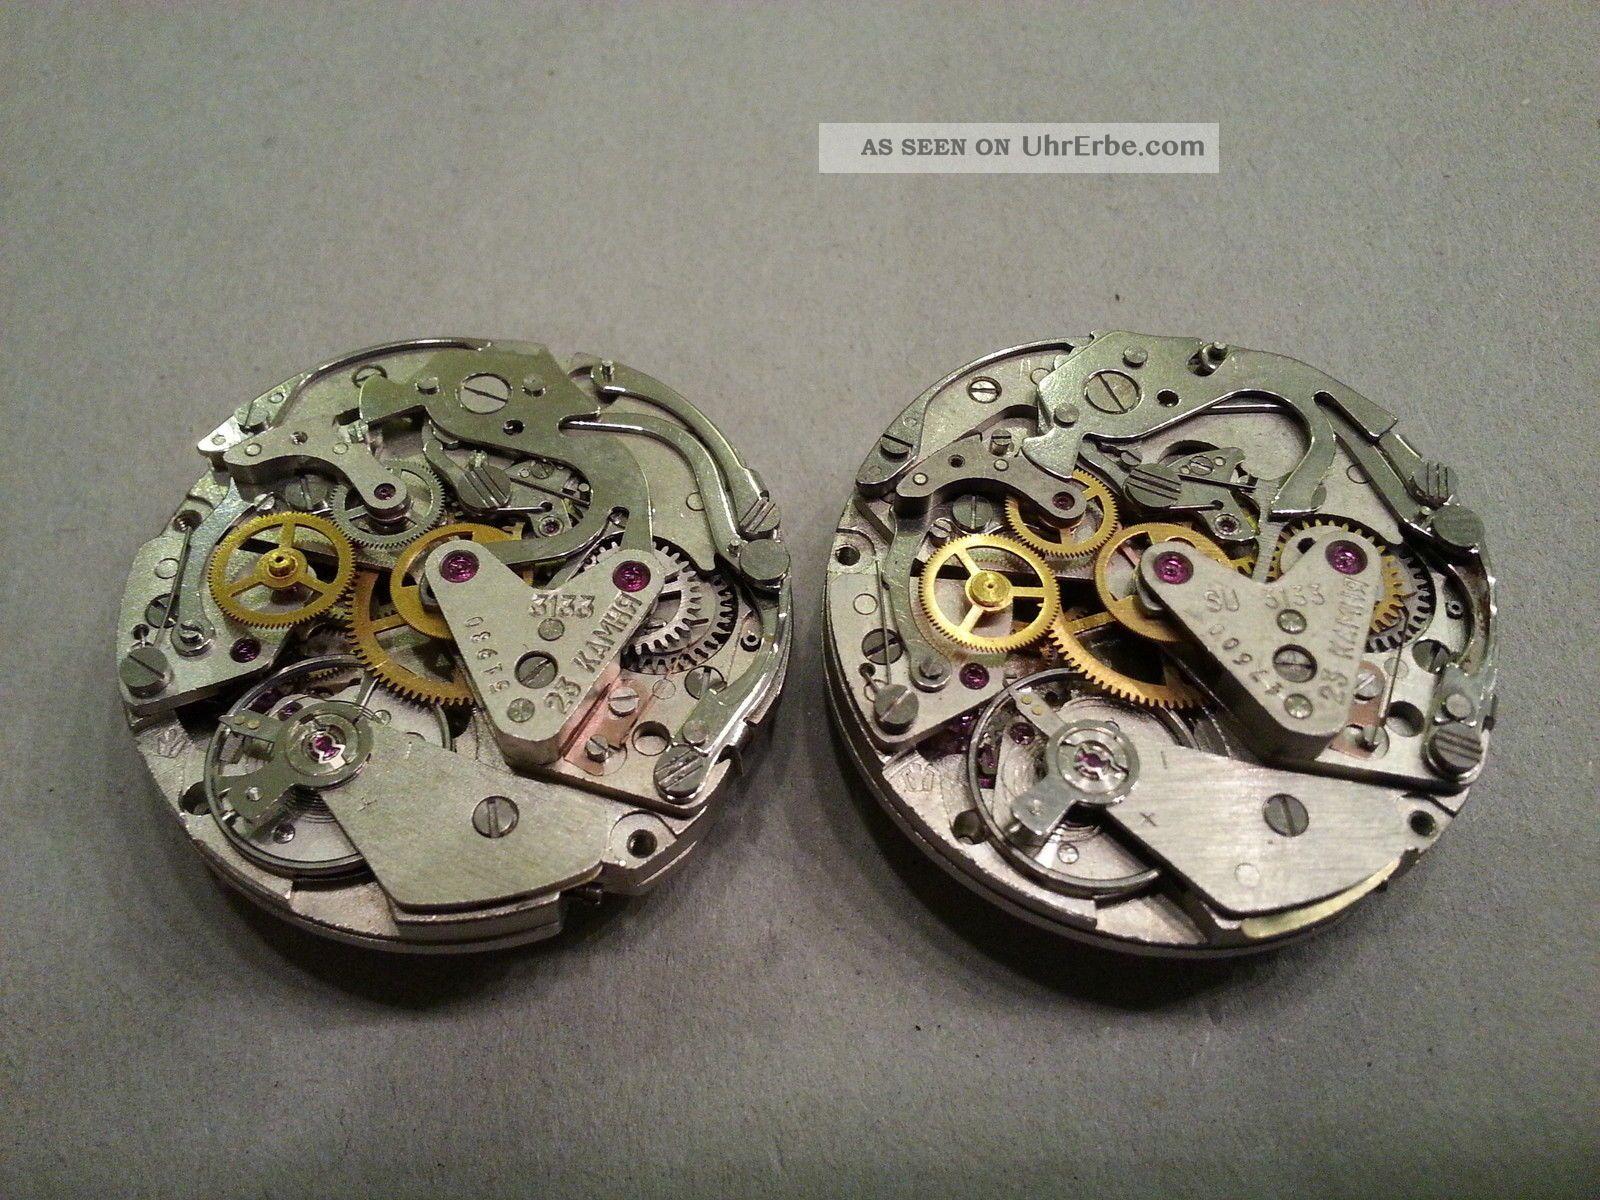 2x Poljot 3133 Kaliber Movements,  ähnlich Dem Valjoux 7734 Mit Handaufzug Armbanduhren Bild